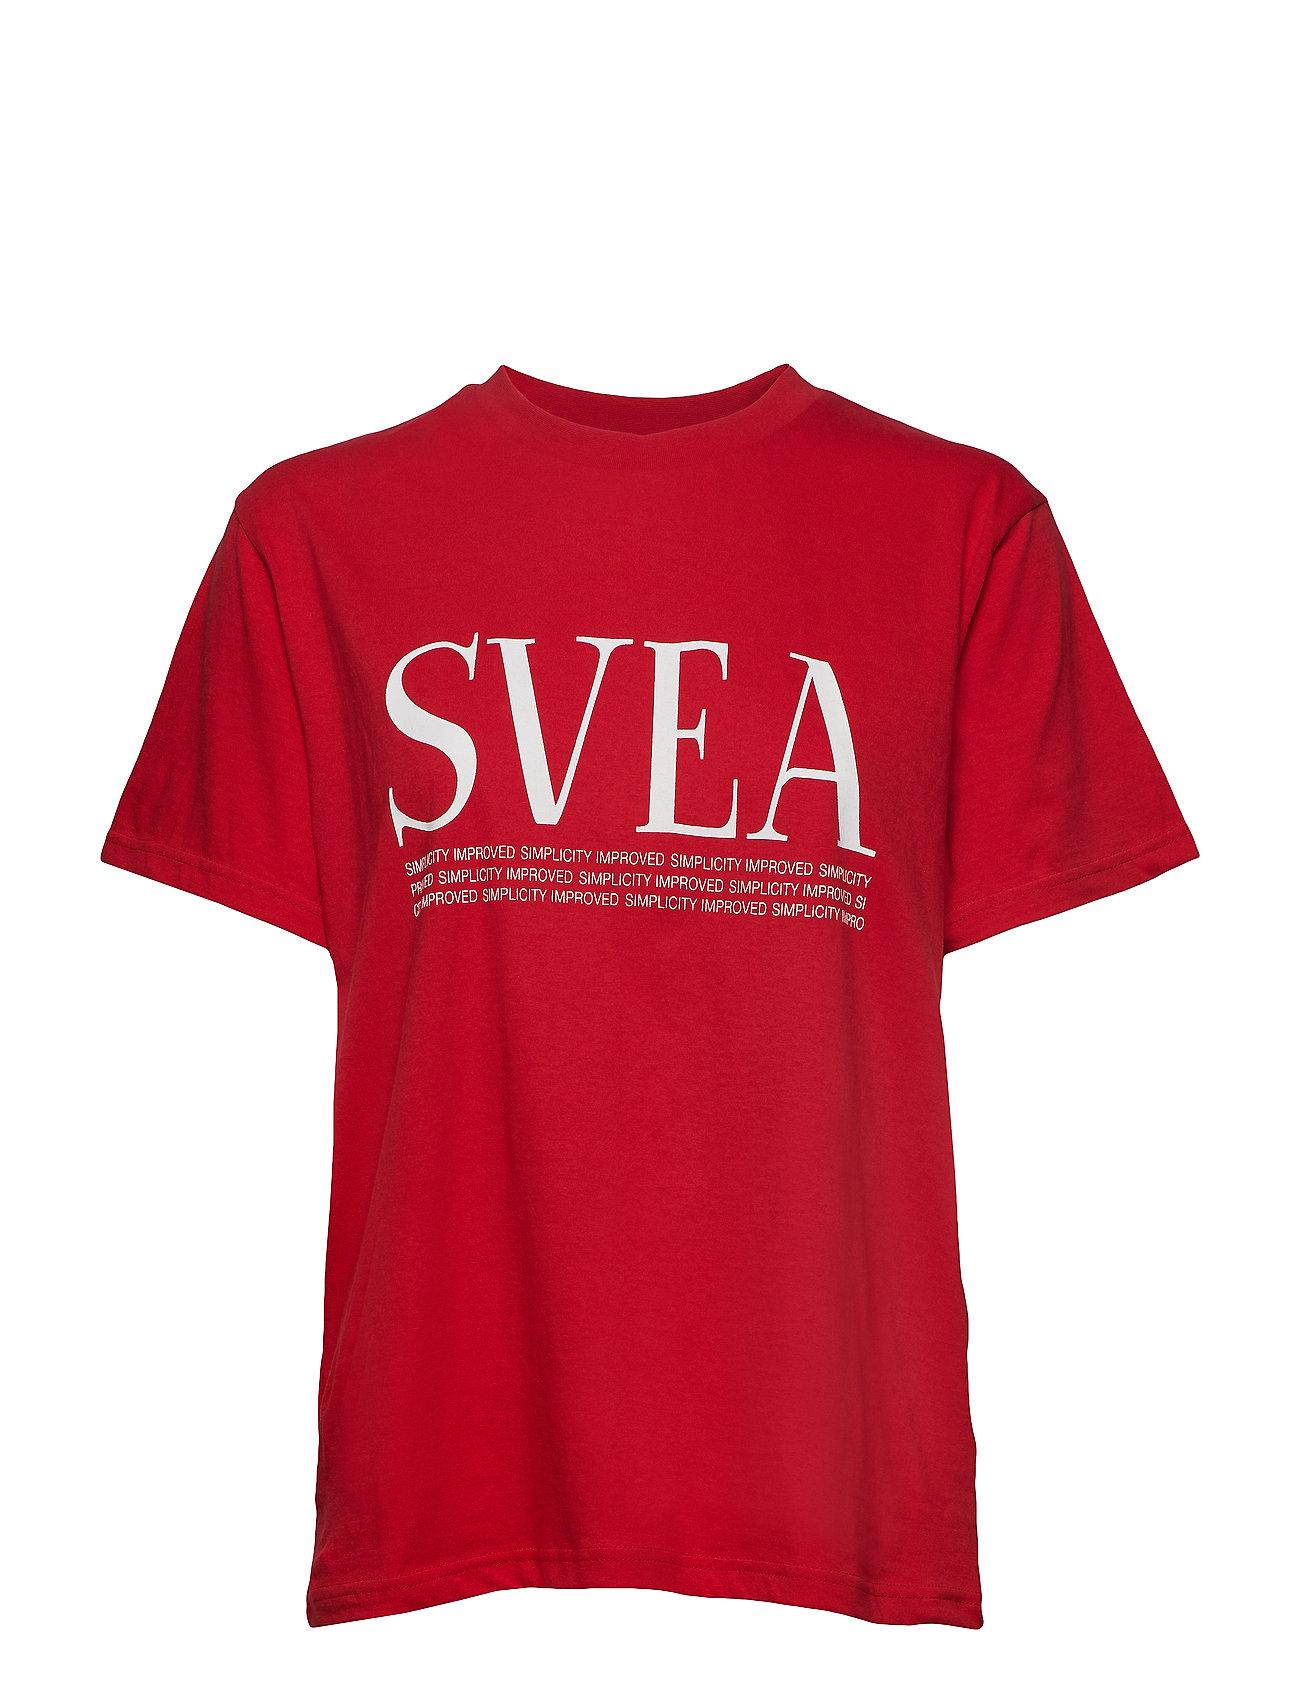 Svea Oxford Tee - BRIGHT RED